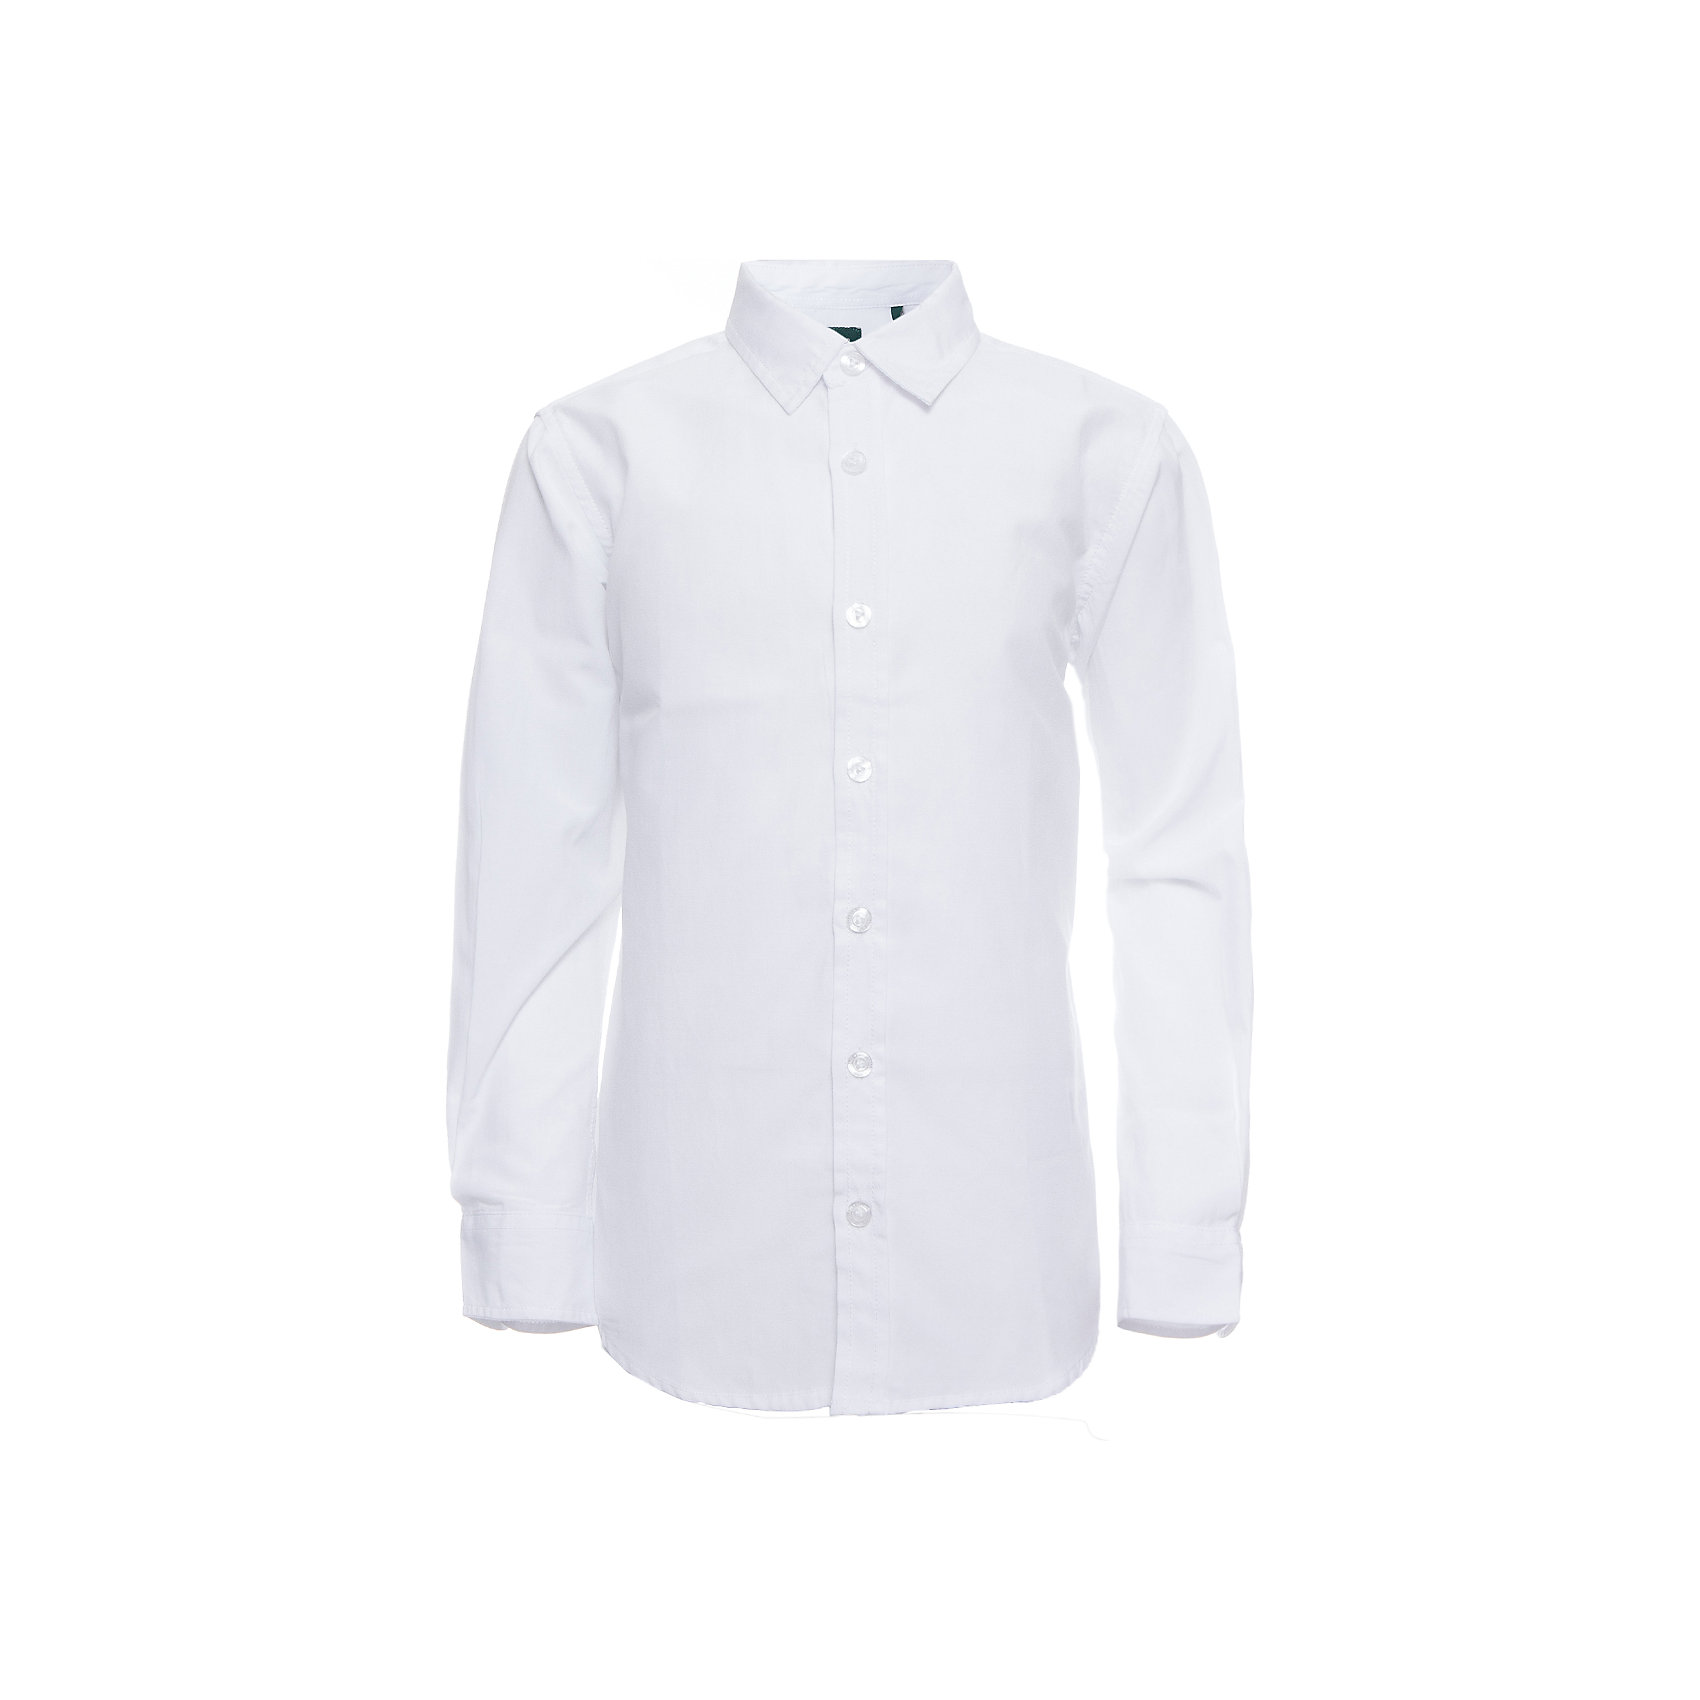 Рубашка SELA для мальчикаБлузки и рубашки<br>Характеристики товара:<br><br>• цвет: белый;<br>• состав: 60% хлопок, 40% полиэстер;<br>• сезон: круглый год;<br>• особенности: повседневная, школьная;<br>• застежка: пуговицы;<br>• манжеты на пуговицах;<br>• с длинным рукавом;<br>• страна бренда: Россия;<br>• страна изготовитель: Китай.<br><br>Школьная рубашка с длинным рукавом для мальчика. Классическая белая рубашка с воротником застегивается на пуговицы. Манжеты застегиваются на две пуговицы.<br><br>Рубашку Sela (Села) для мальчика можно купить в нашем интернет-магазине.<br><br>Ширина мм: 174<br>Глубина мм: 10<br>Высота мм: 169<br>Вес г: 157<br>Цвет: белый<br>Возраст от месяцев: 108<br>Возраст до месяцев: 120<br>Пол: Мужской<br>Возраст: Детский<br>Размер: 140,146,152,158,164,170,122,128,134<br>SKU: 7009771